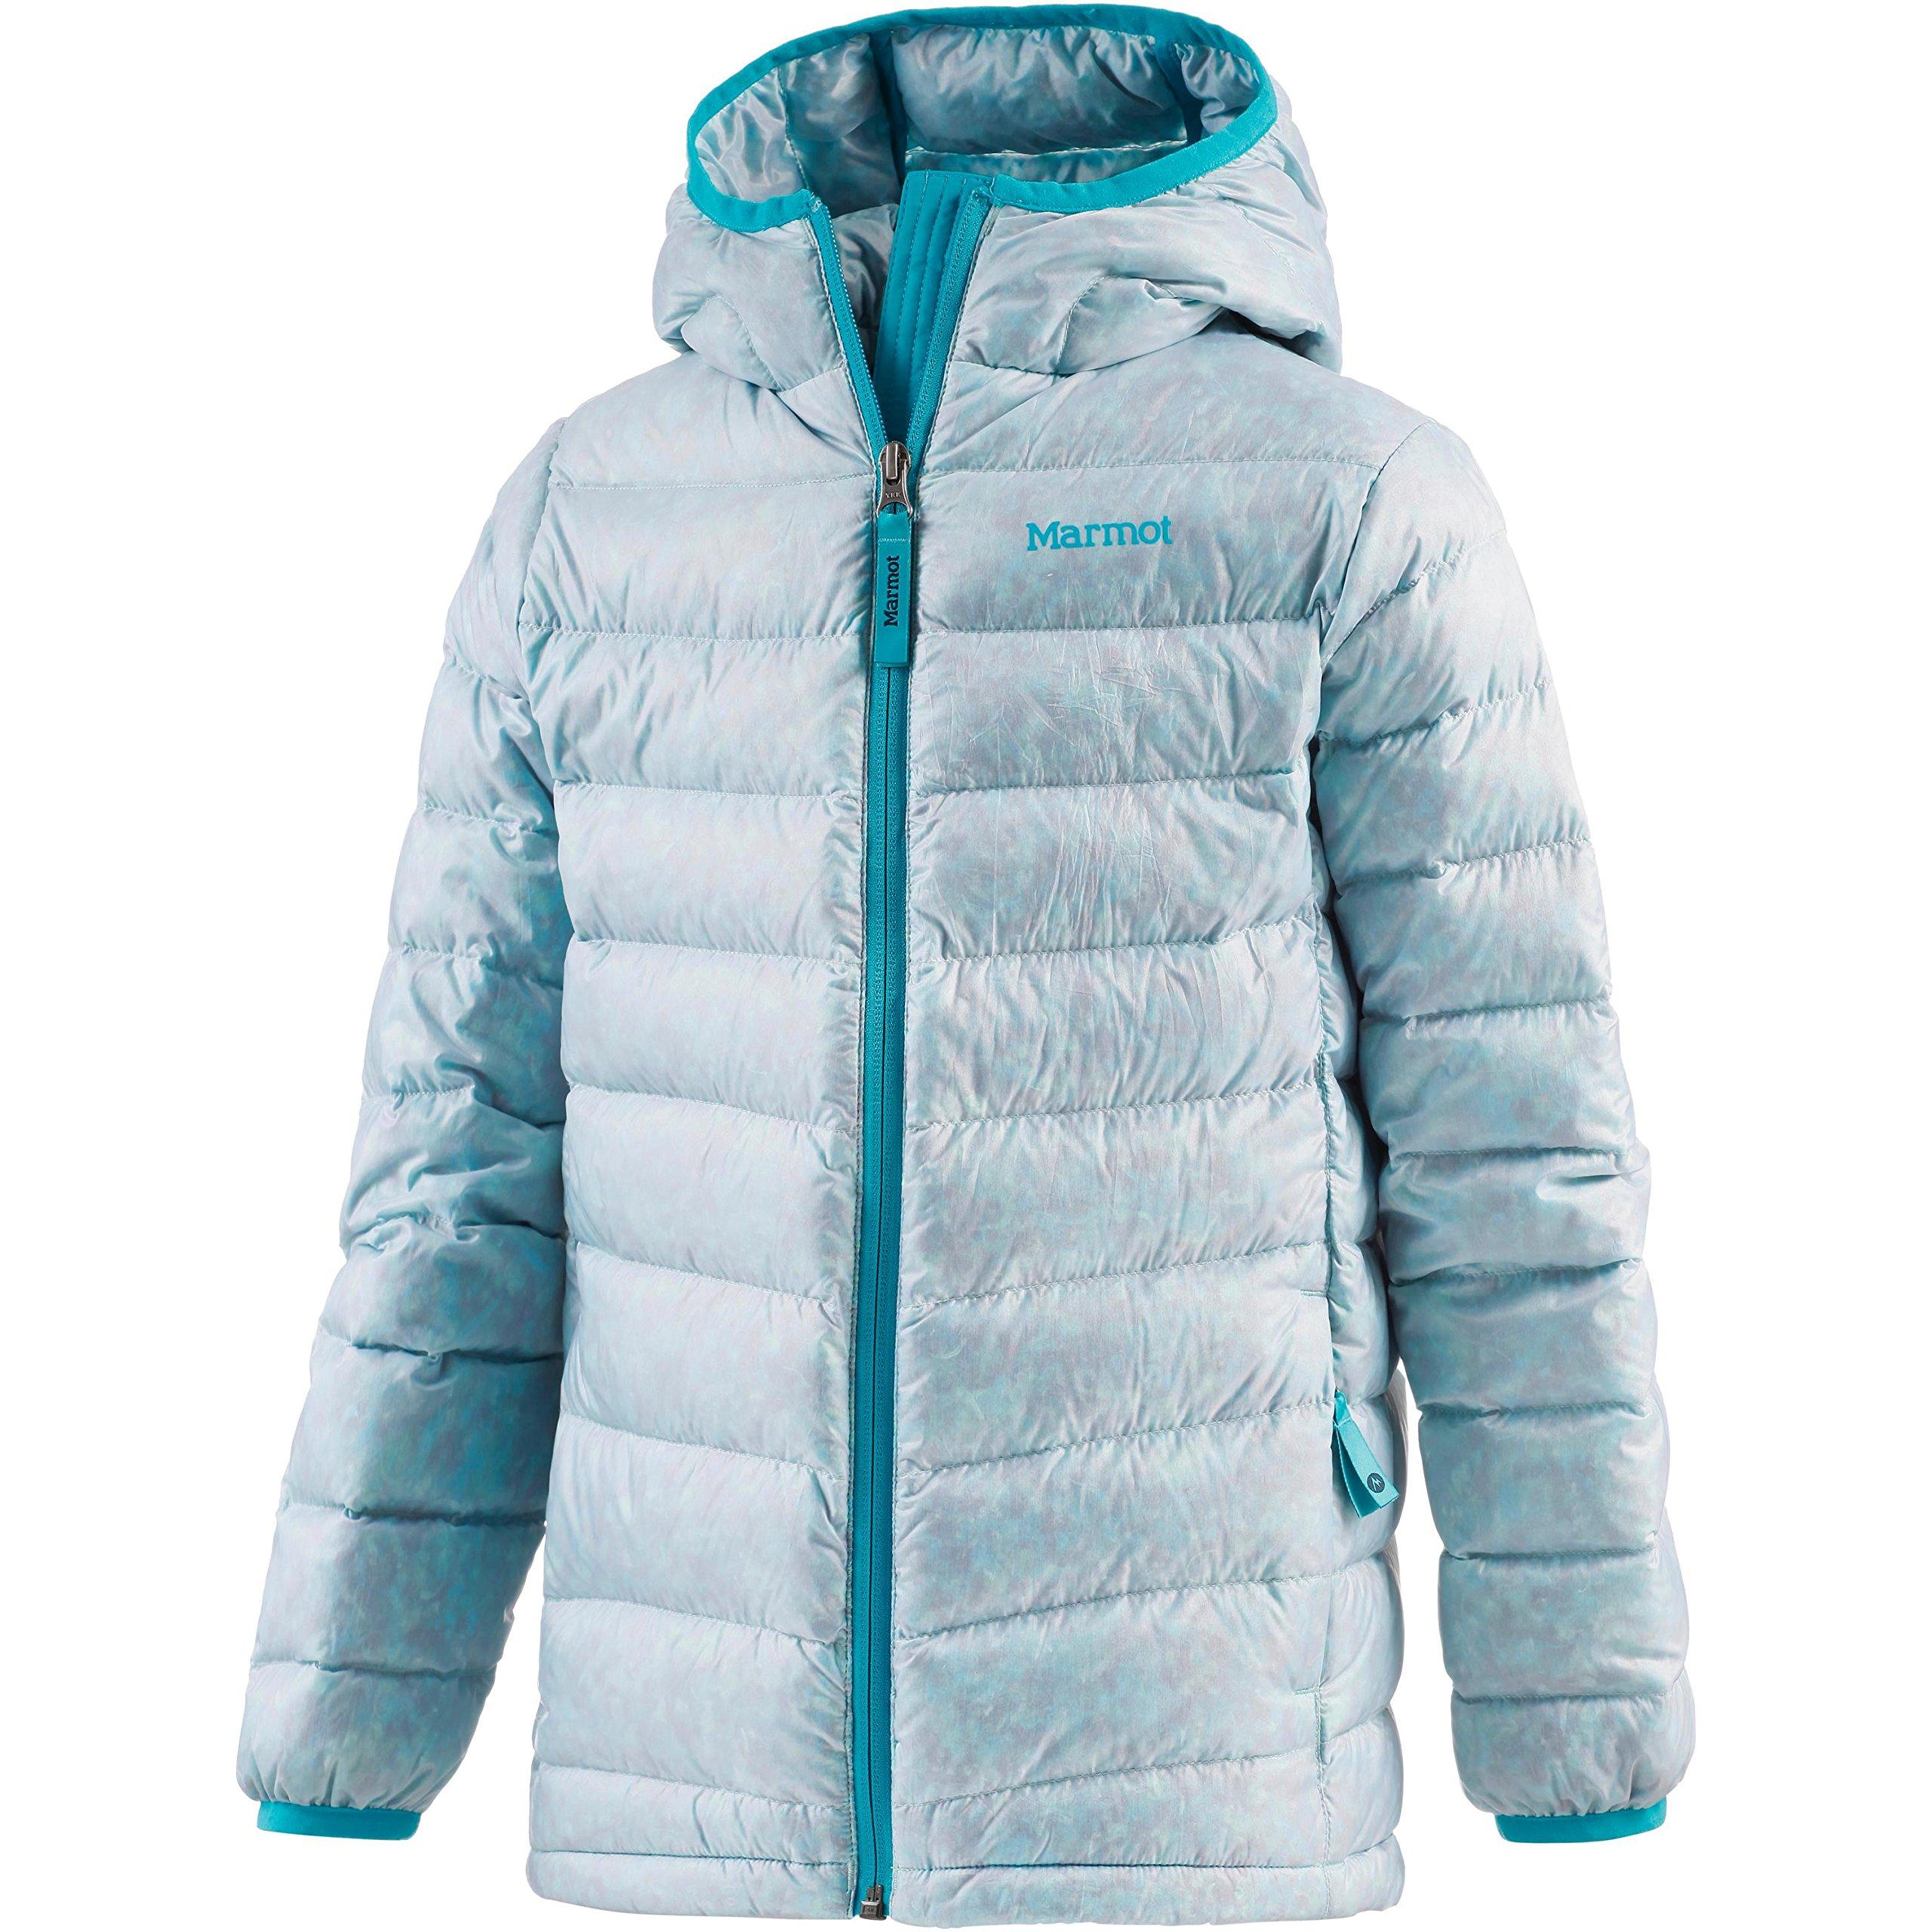 Marmot Nika Hoody Jacket Turqoise Girls S